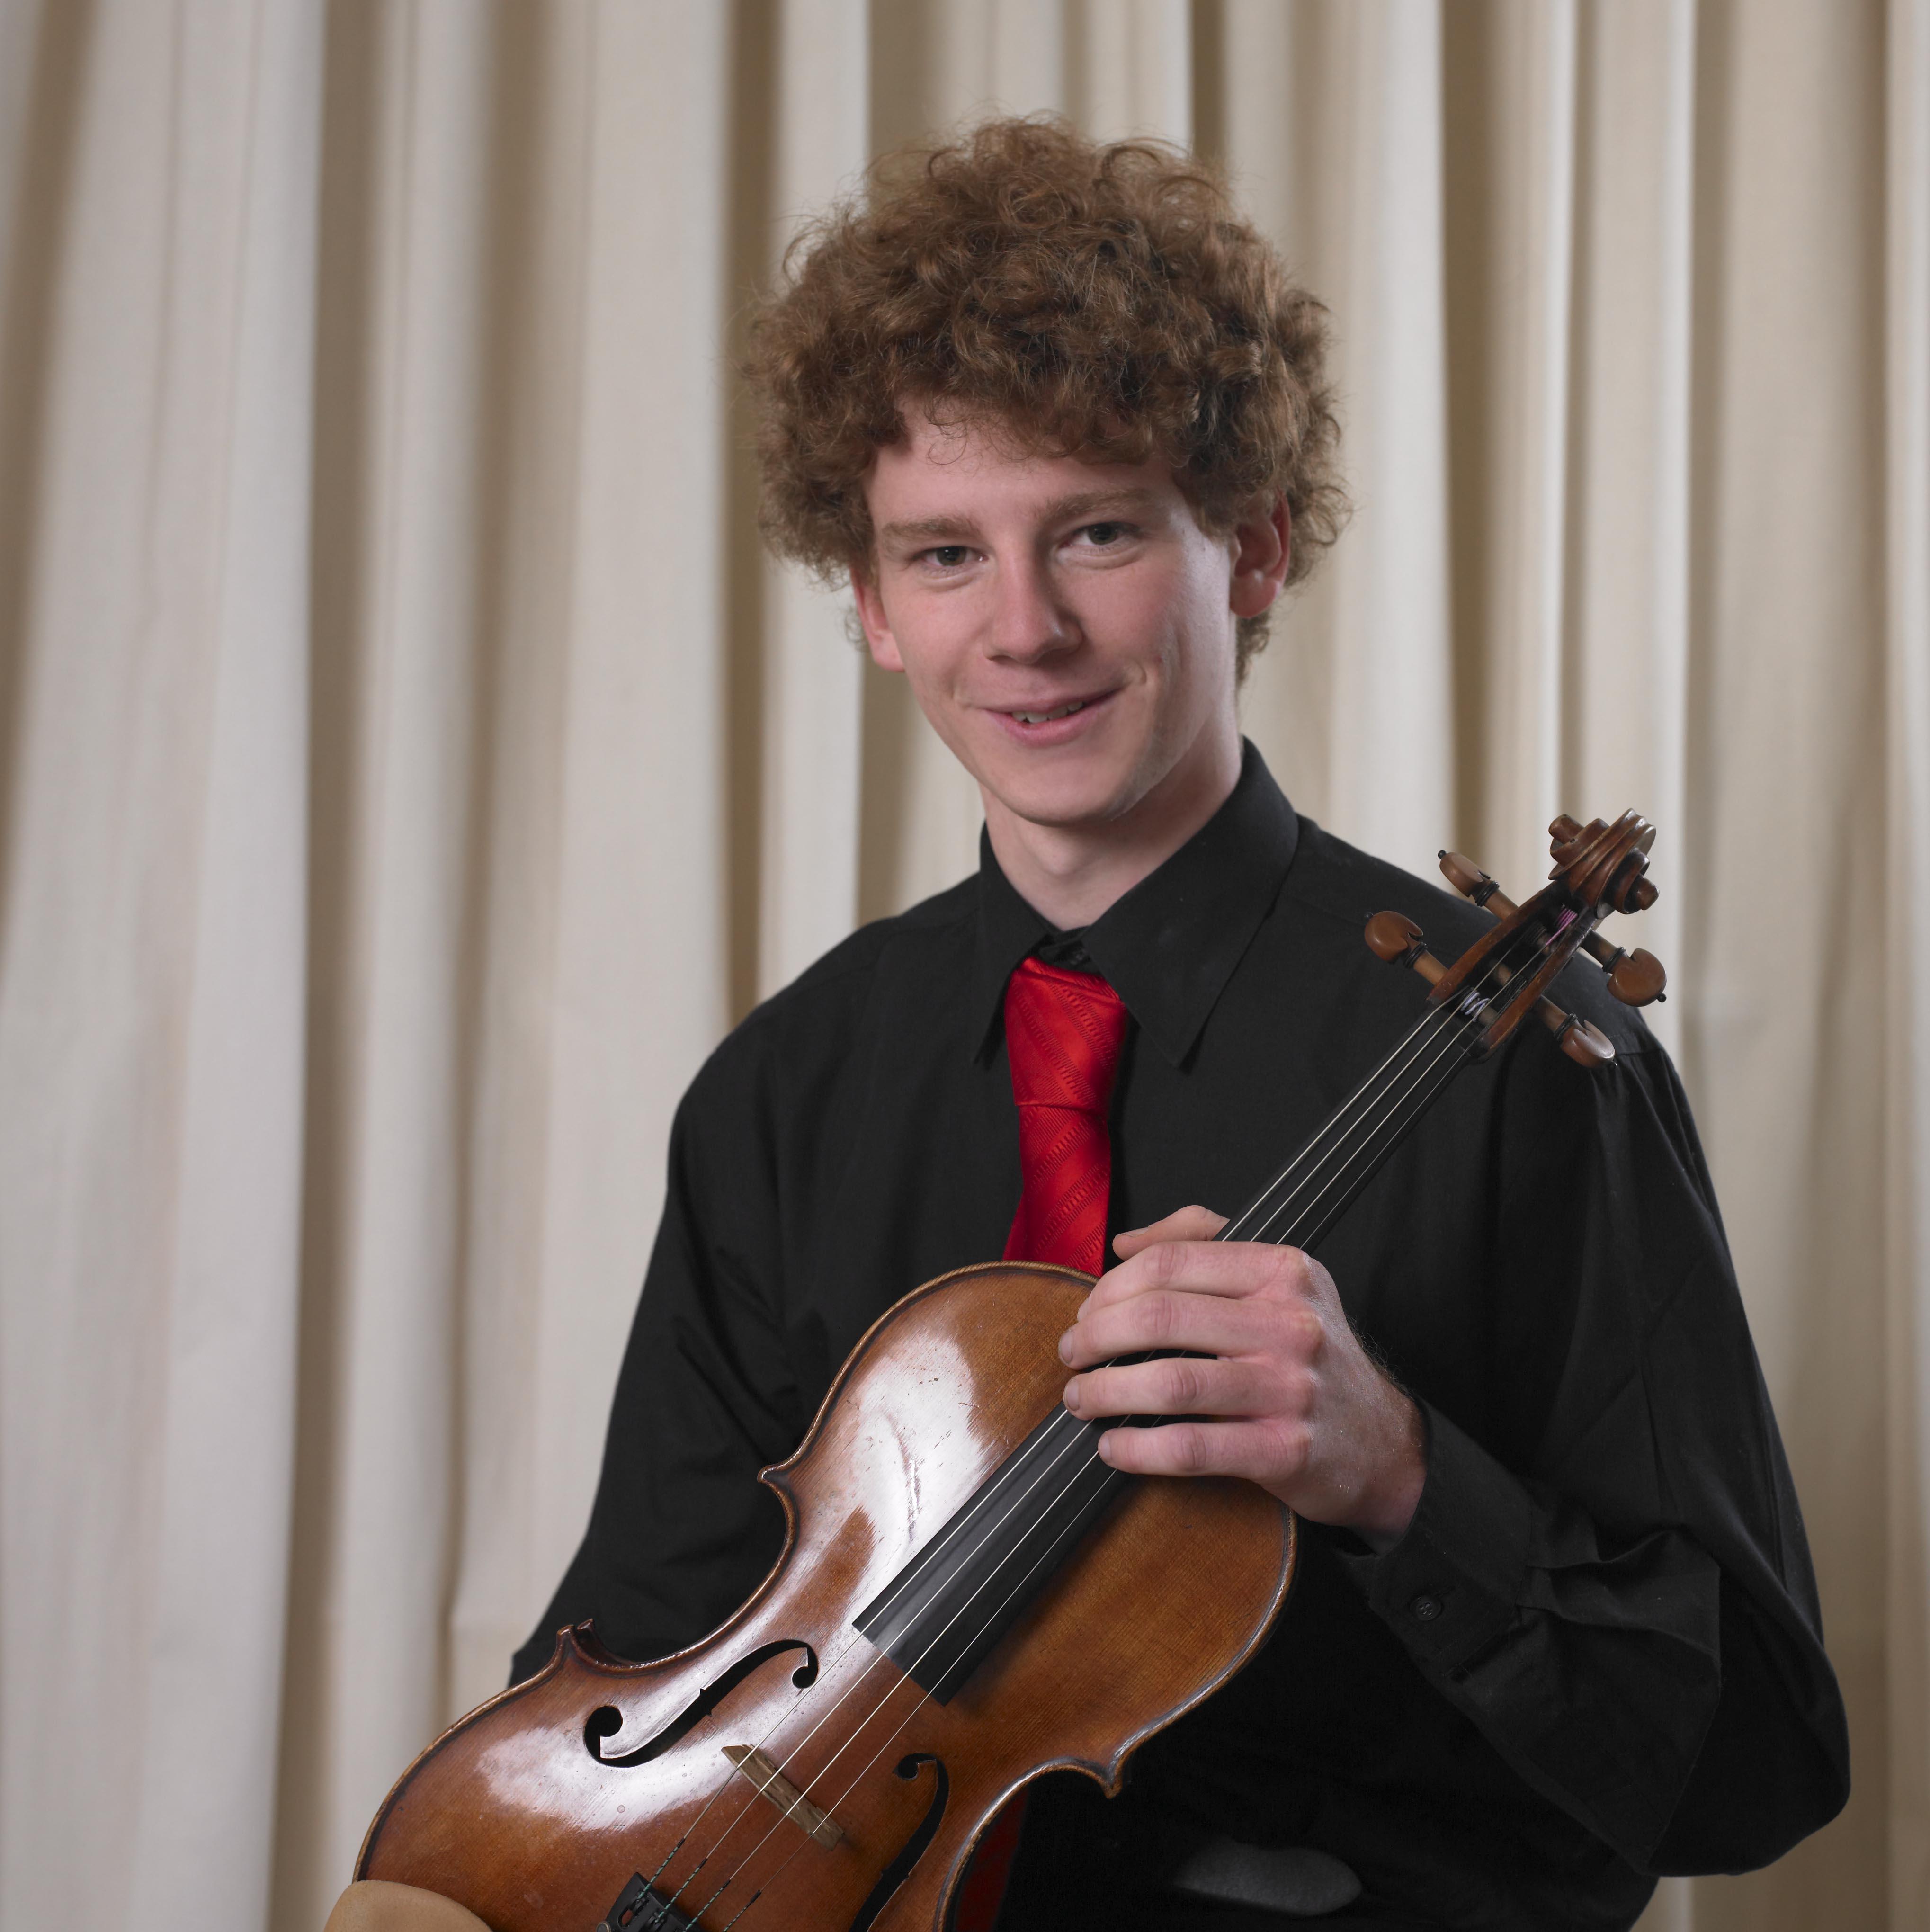 Rahn Musikpreis 2006, Veit Hertenstein, 2. Preis Viola